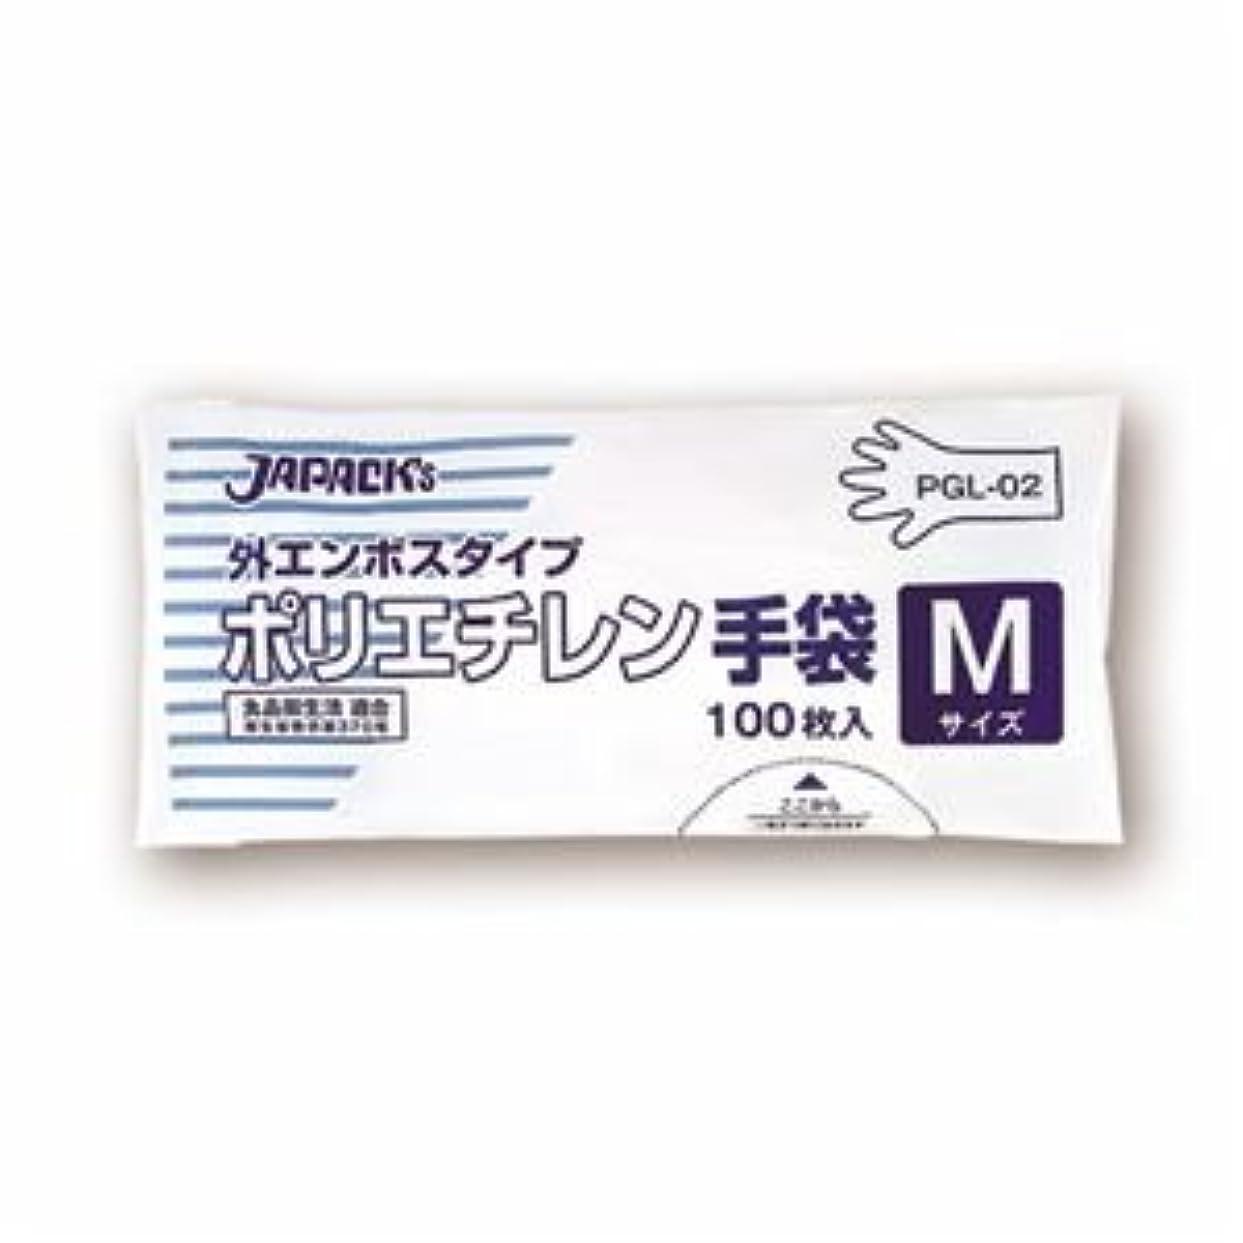 夢中アセンブリ変形(まとめ) ジャパックス 外エンボスタイプ LDポリエチレン手袋 M PGL-02 1パック(100枚) 【×20セット】